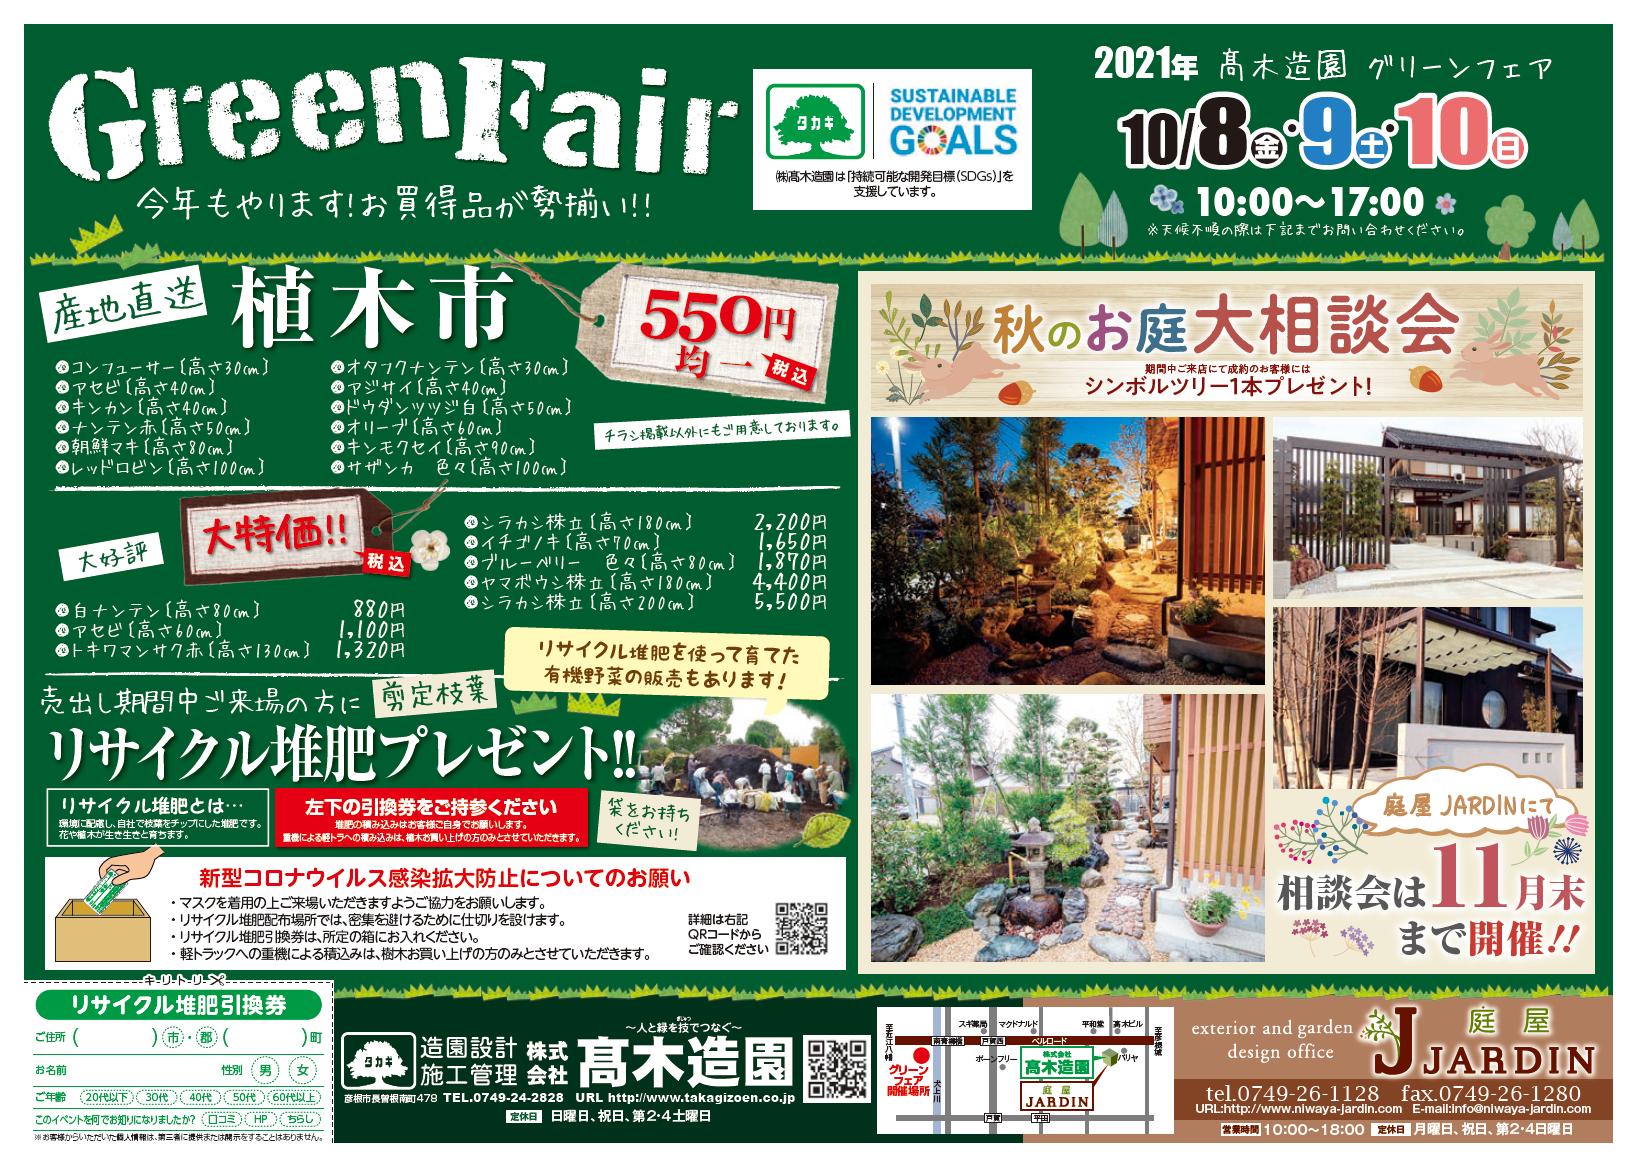 秋のグリーンフェアを開催します!